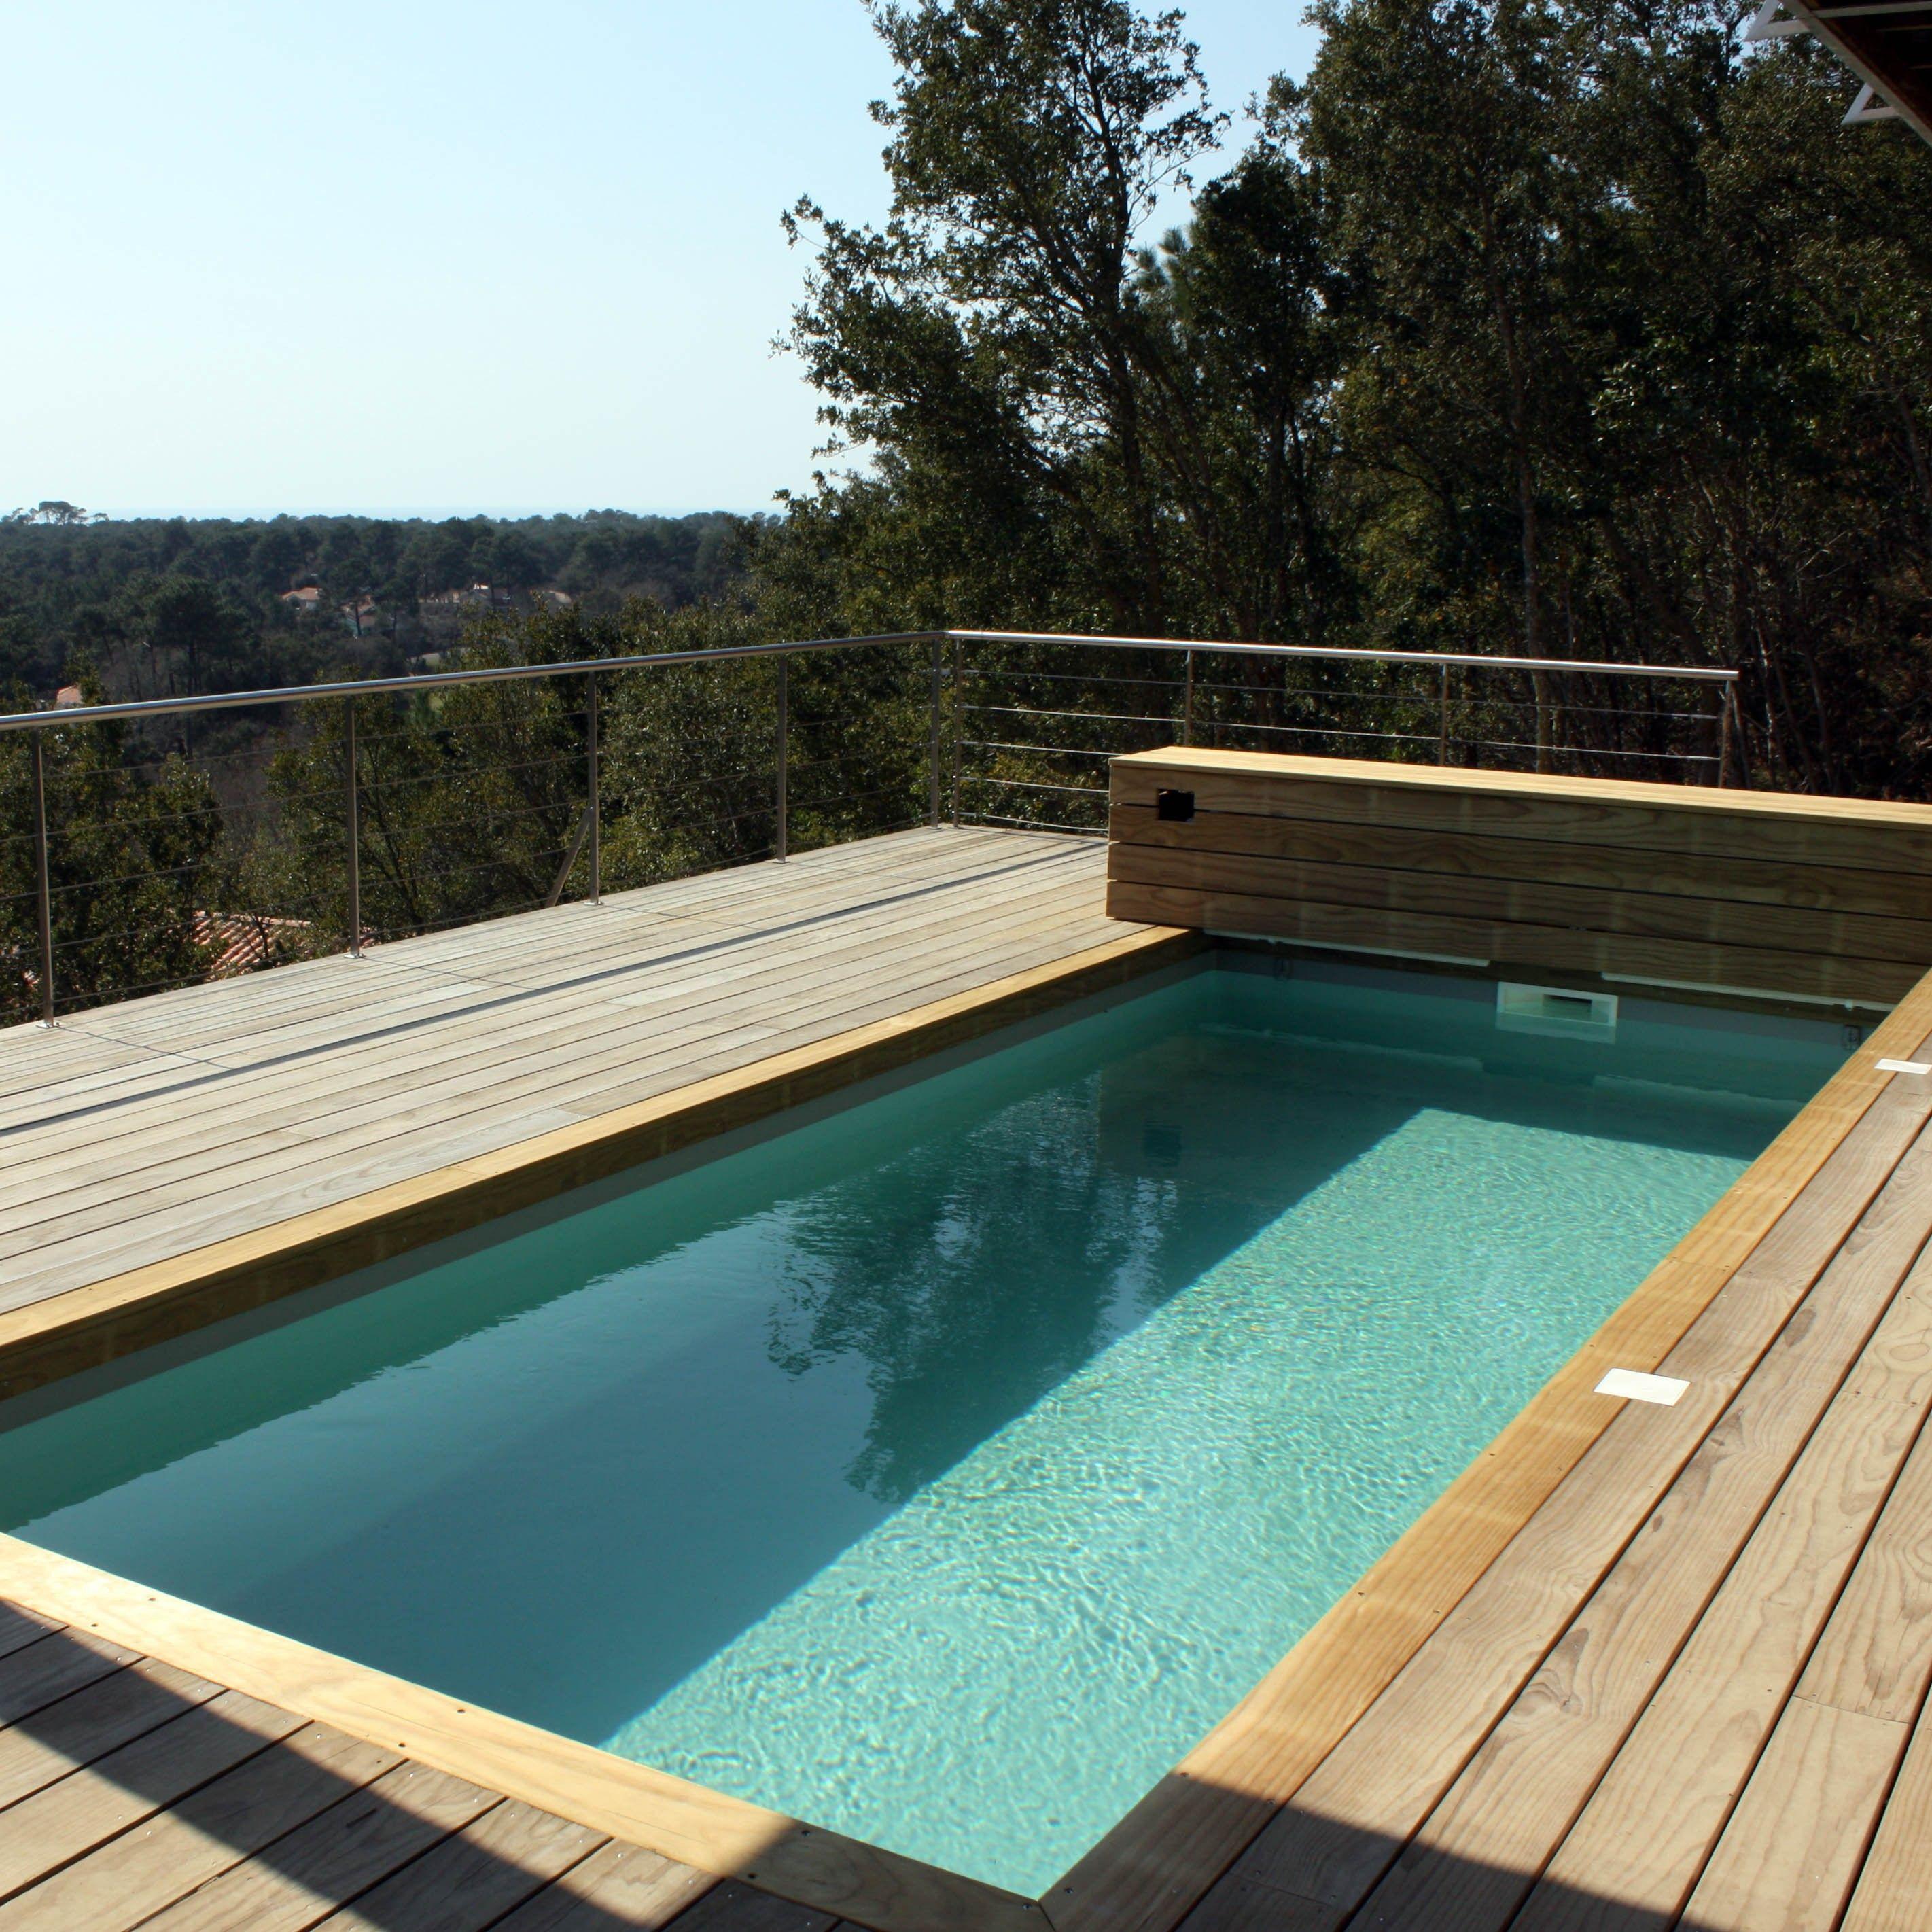 lame de terrasse pin radiata classe 4 terrasse bois palissade lame terrasse terrasse bois. Black Bedroom Furniture Sets. Home Design Ideas